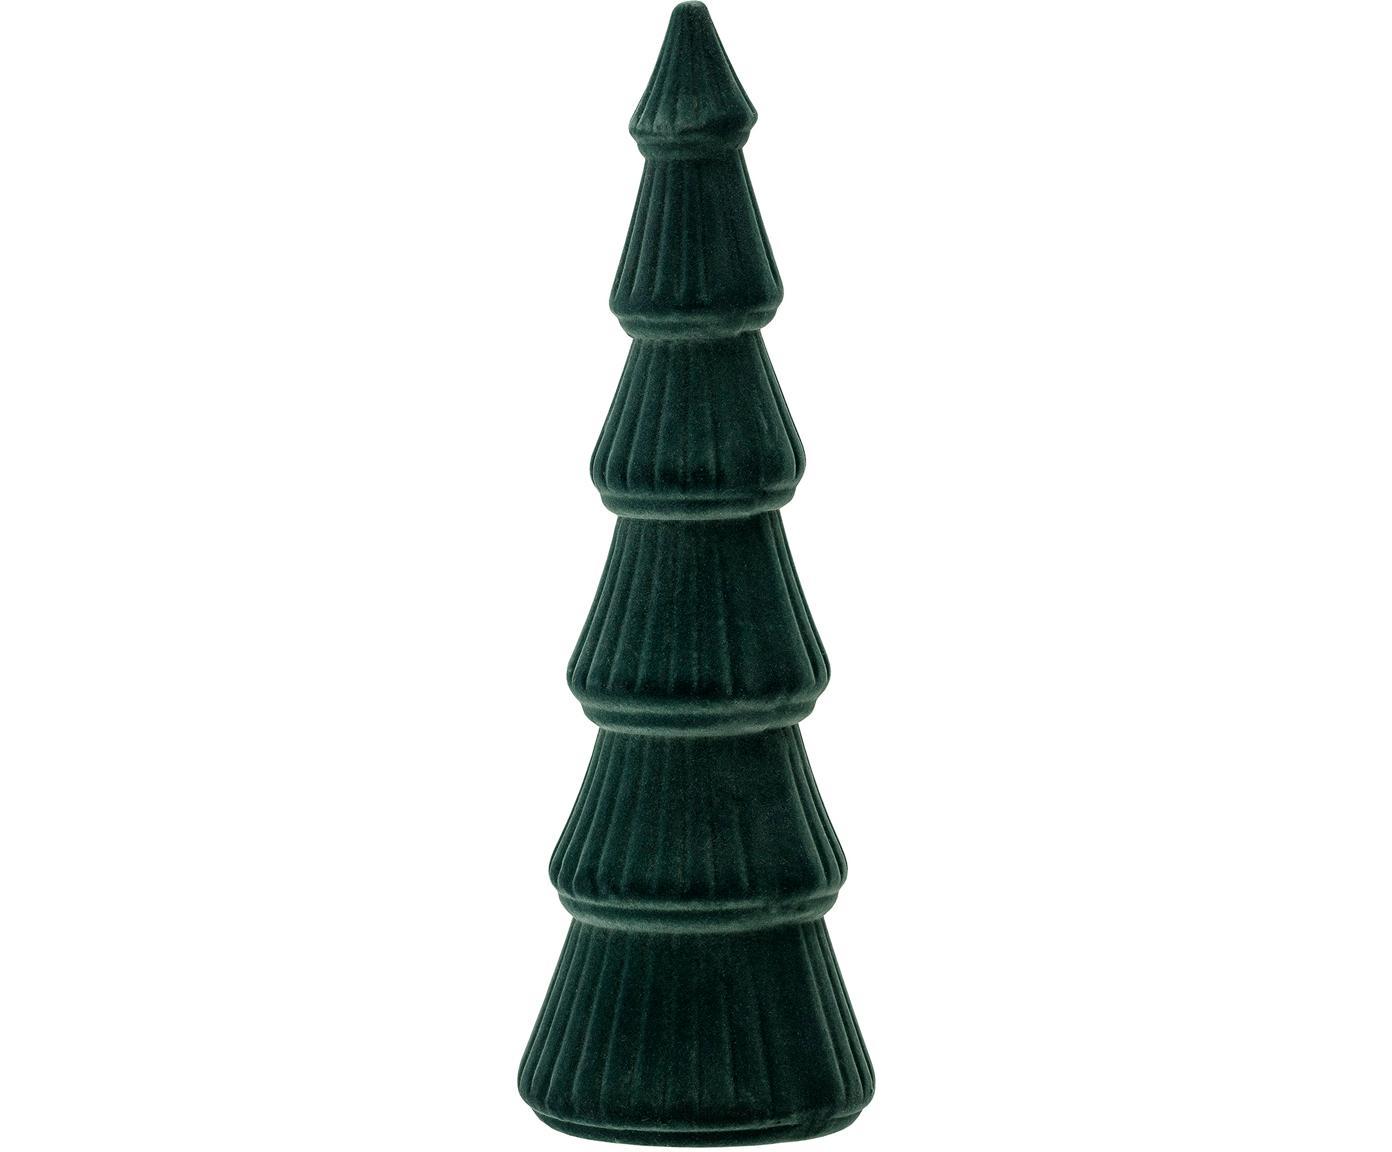 Oggetto decorativo in velluto Tree, Pannelli di fibra a media densità (MDF), velluto di poliestere, Verde, Ø 10 x Alt. 34 cm